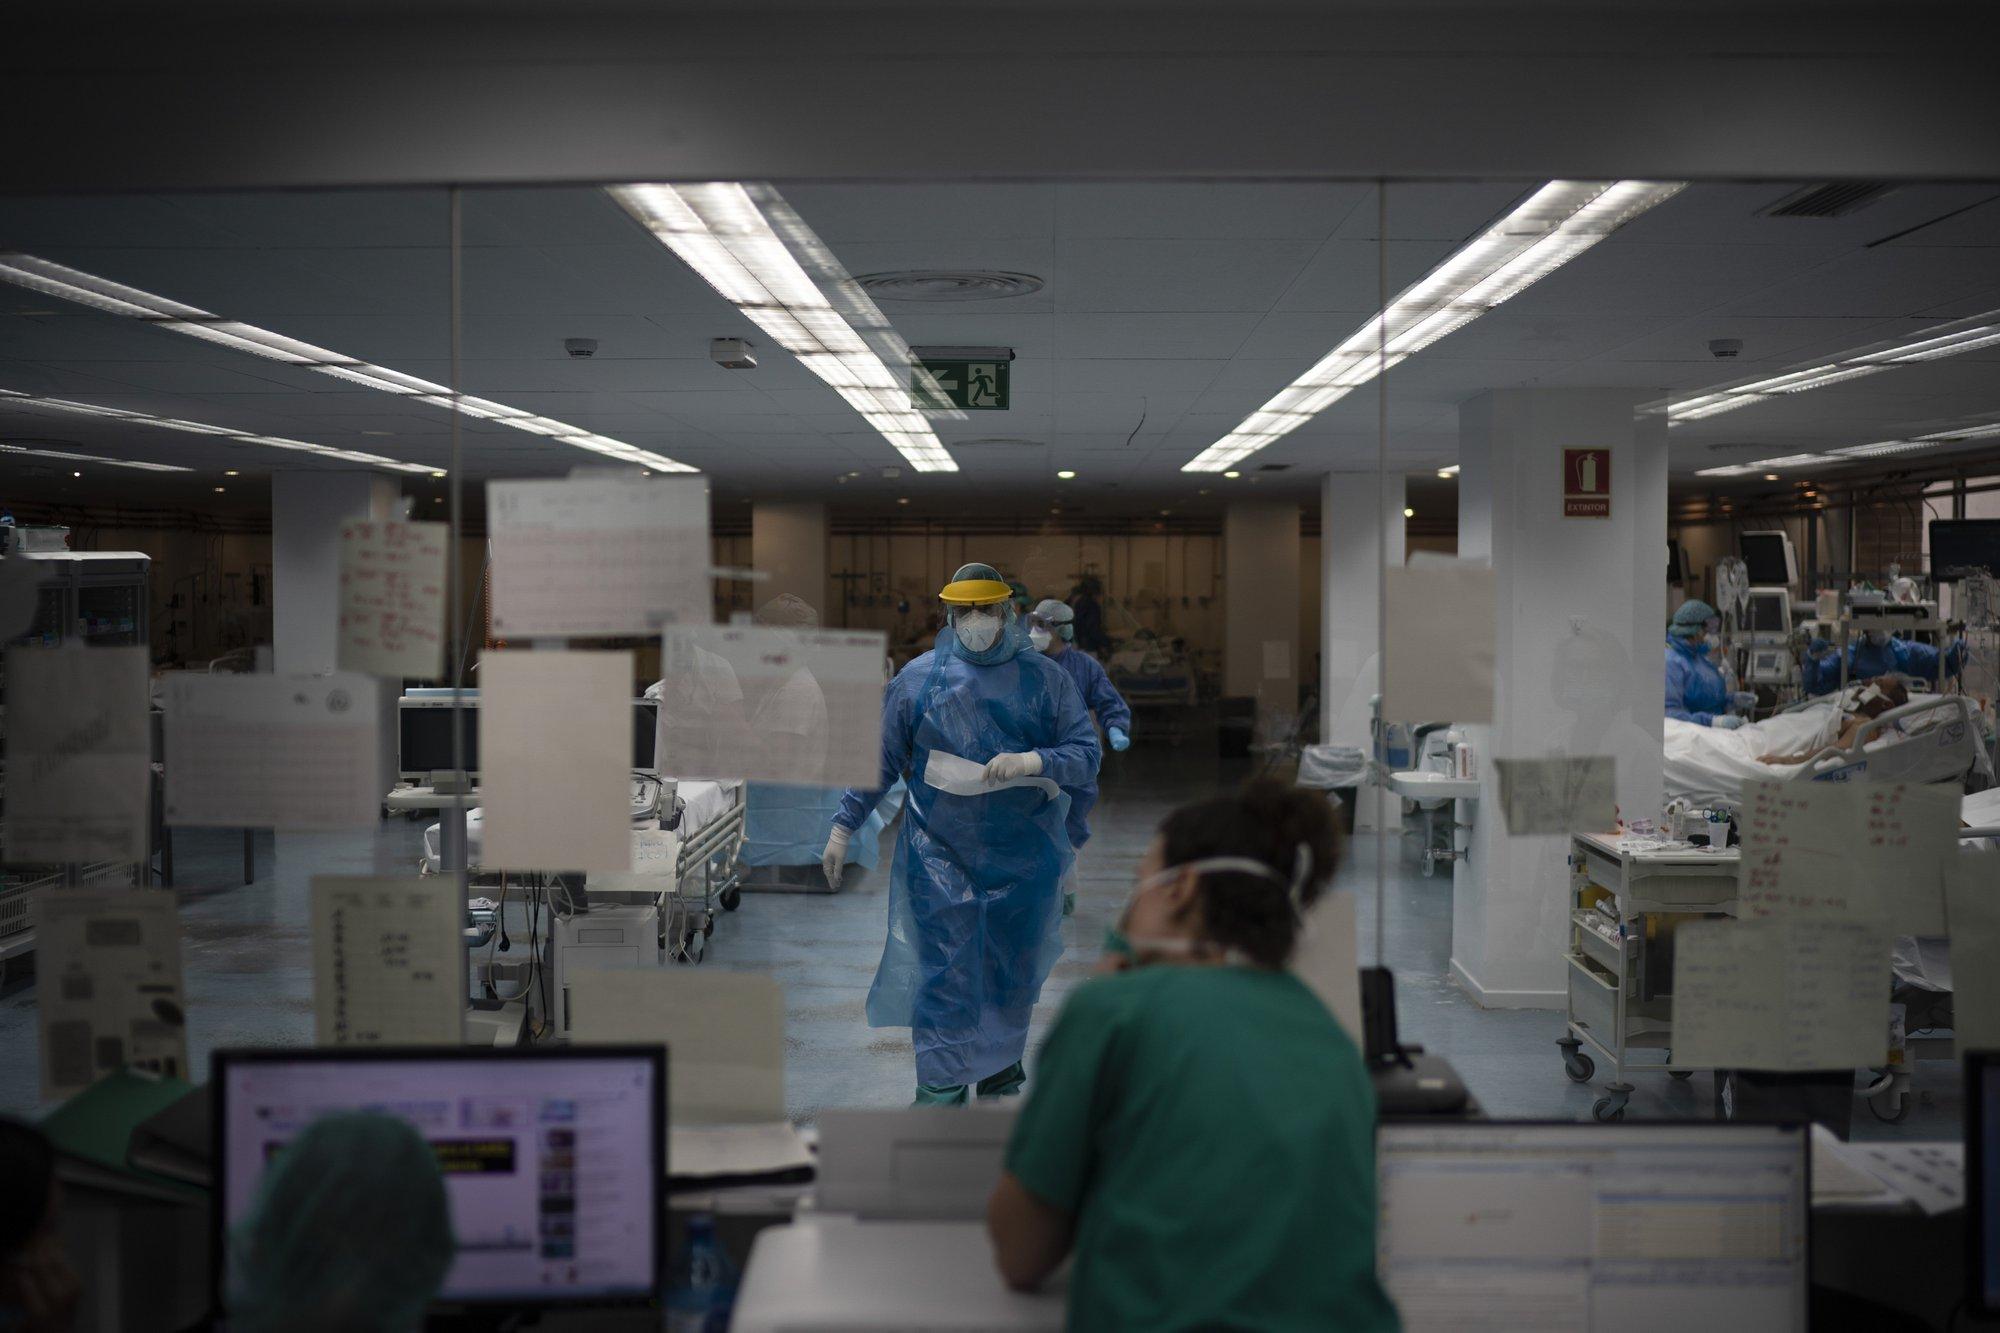 Los trabajadores de salud siguen enfocados en las tareas esenciales: monitorear signos vitales, administrar medicamentos, manipular los tubos y cables que conectan a los pacientes a una profusión de máquinas (AP Photo/Felipe Dana)